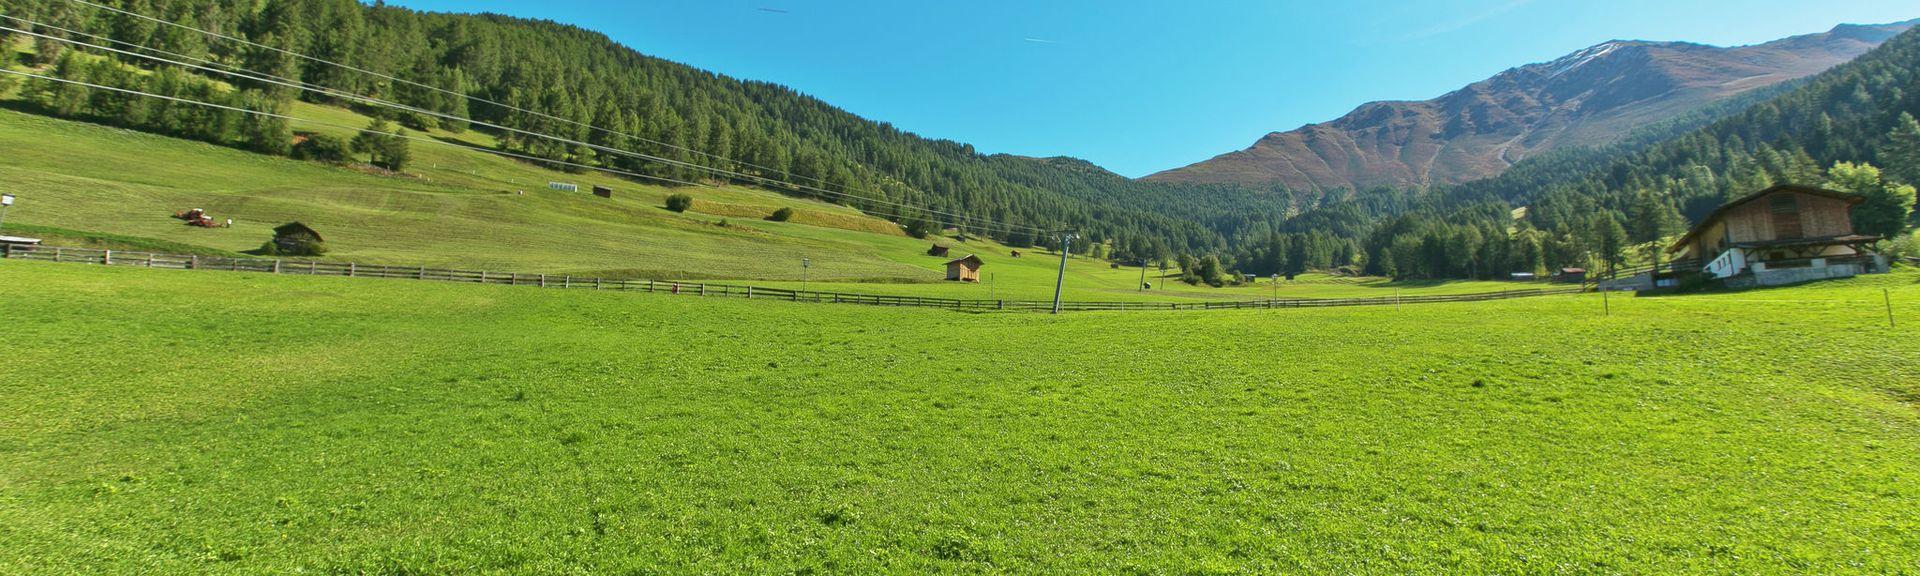 Fließ, Tirol, Österreich